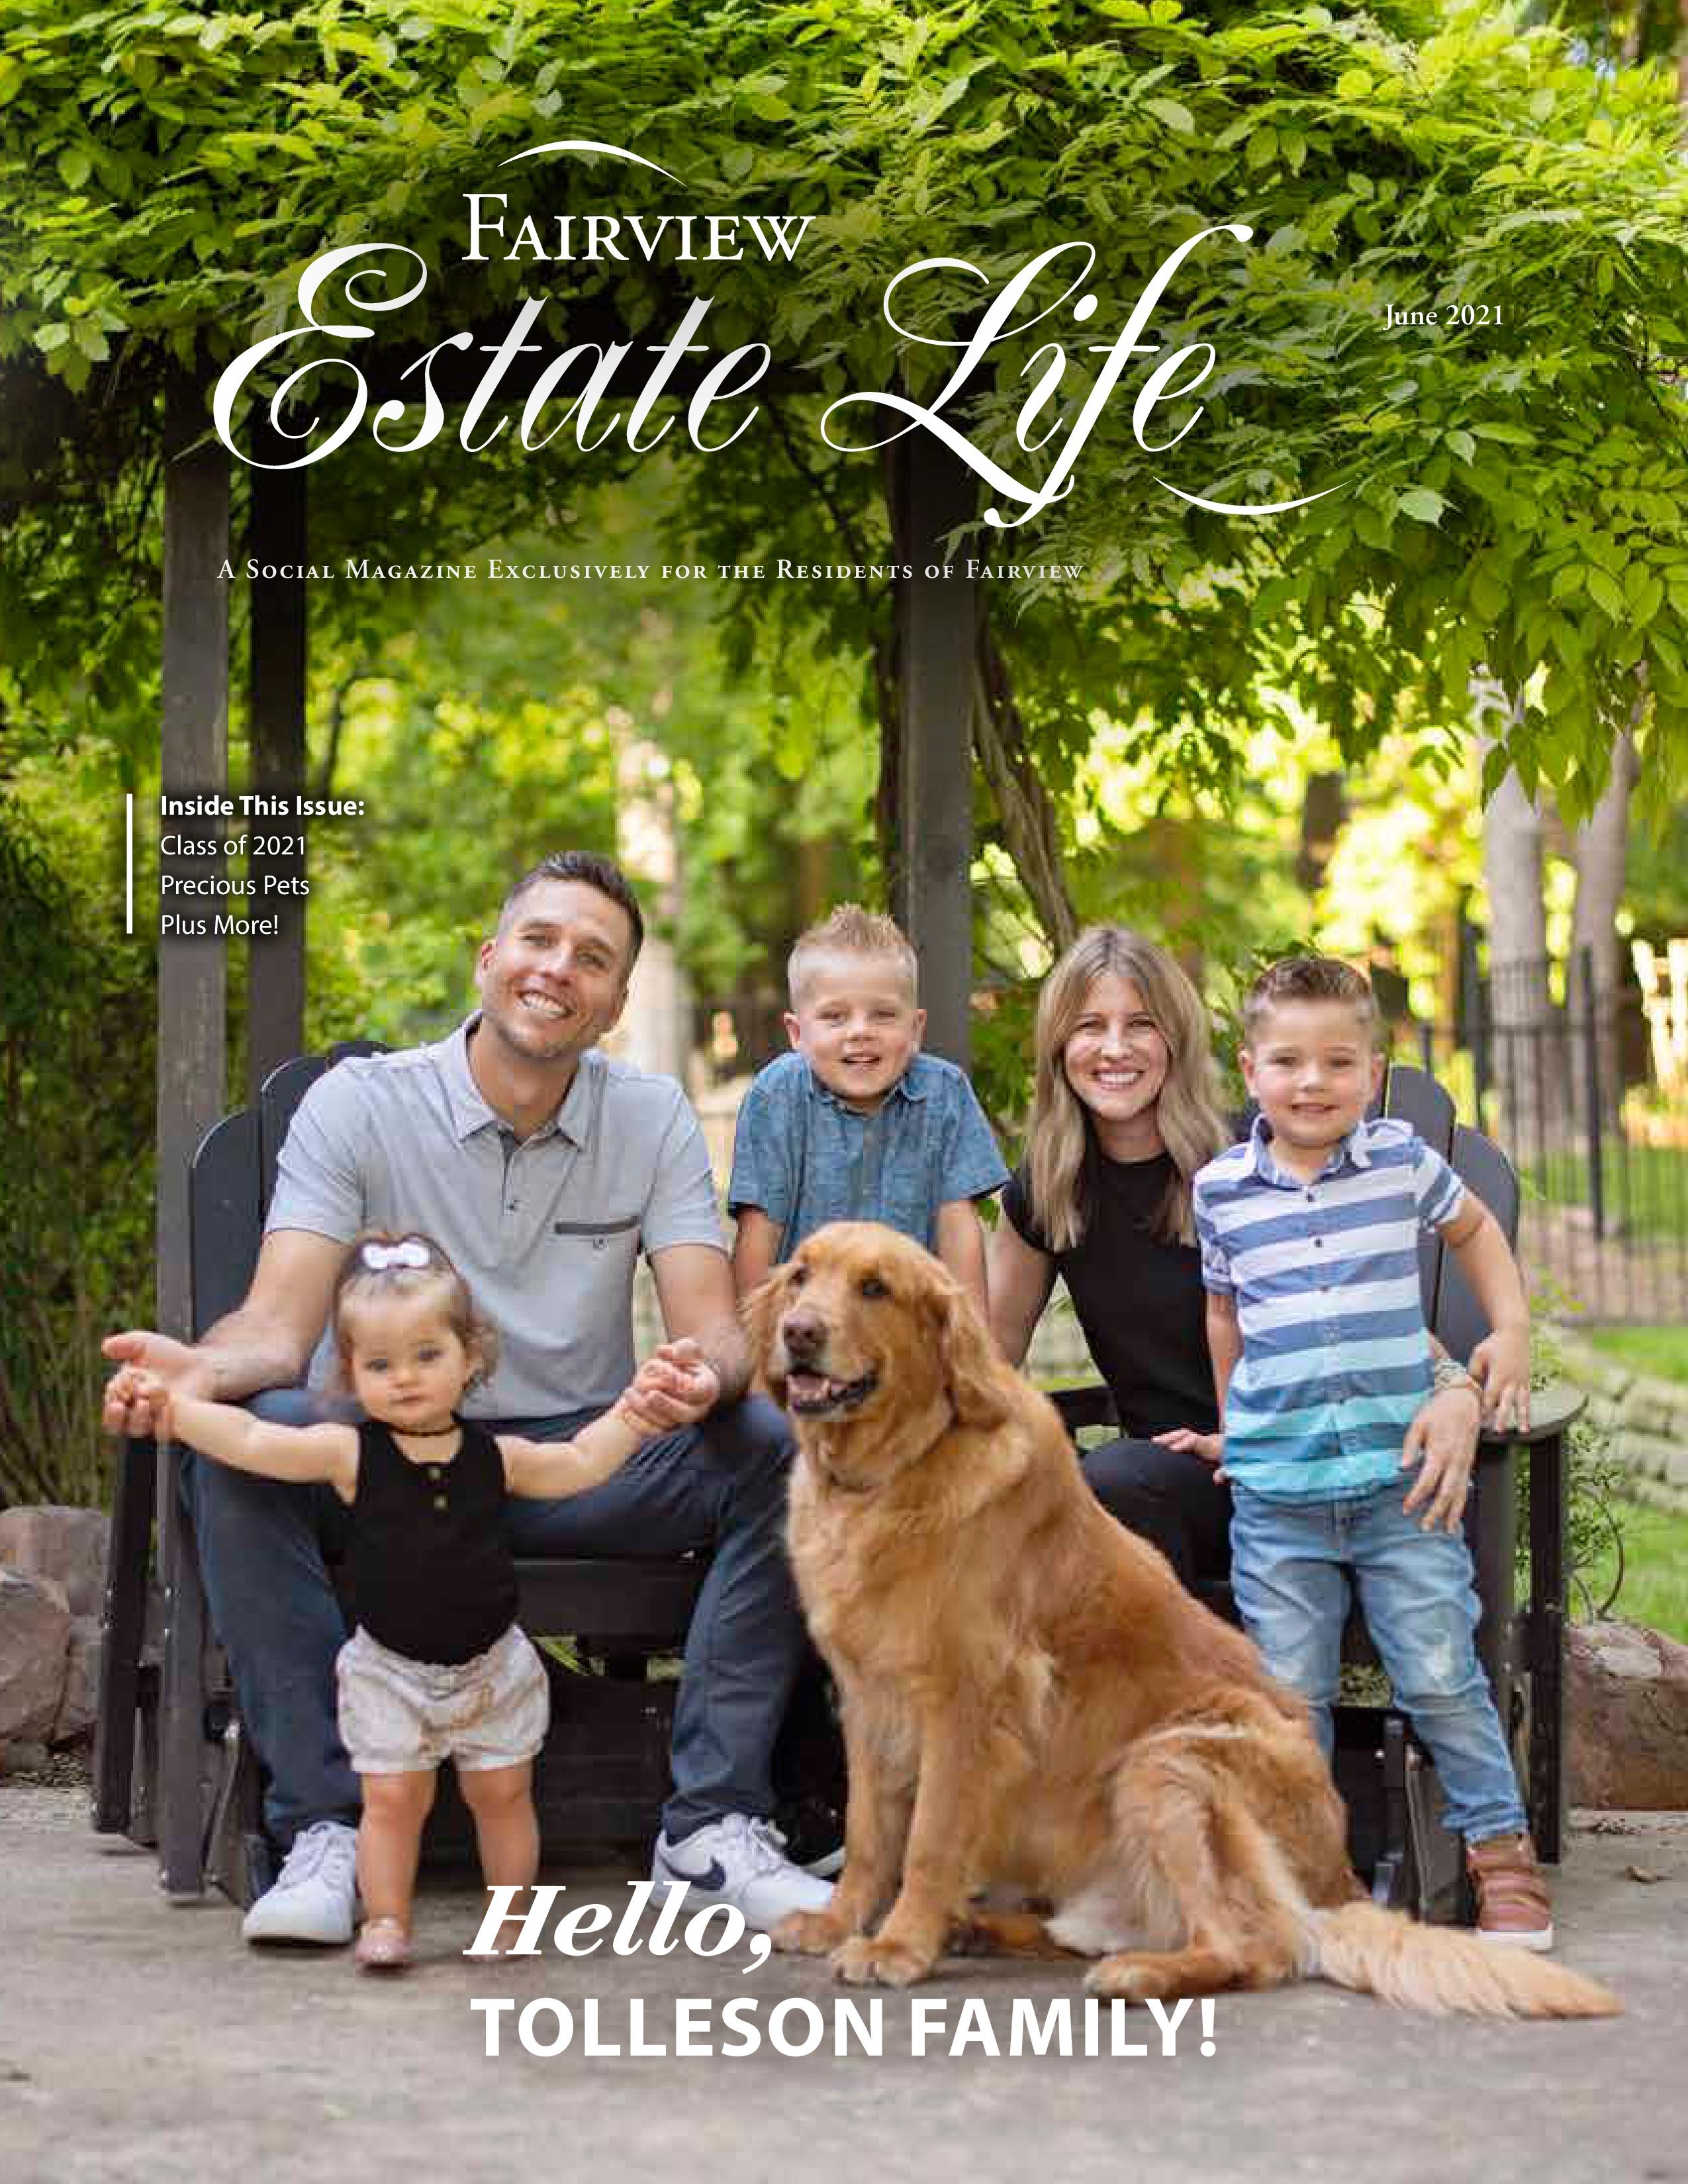 Fairview Estate Life 2021-06-01